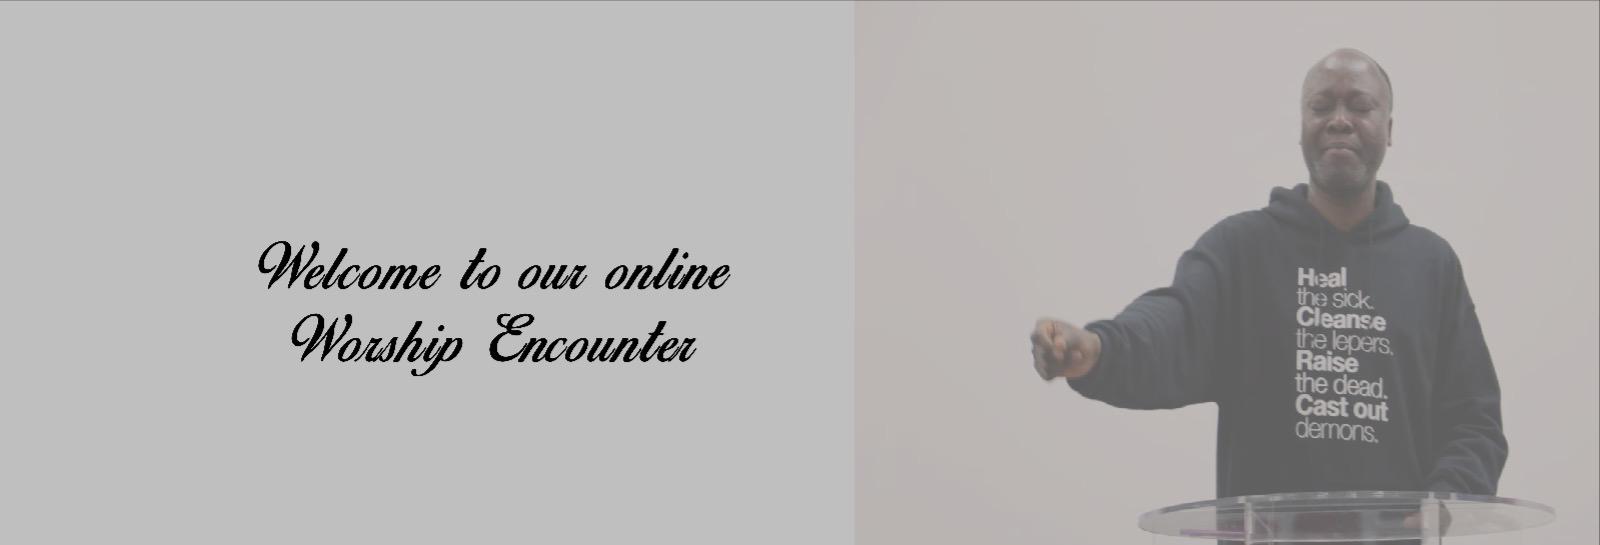 Online Service_2